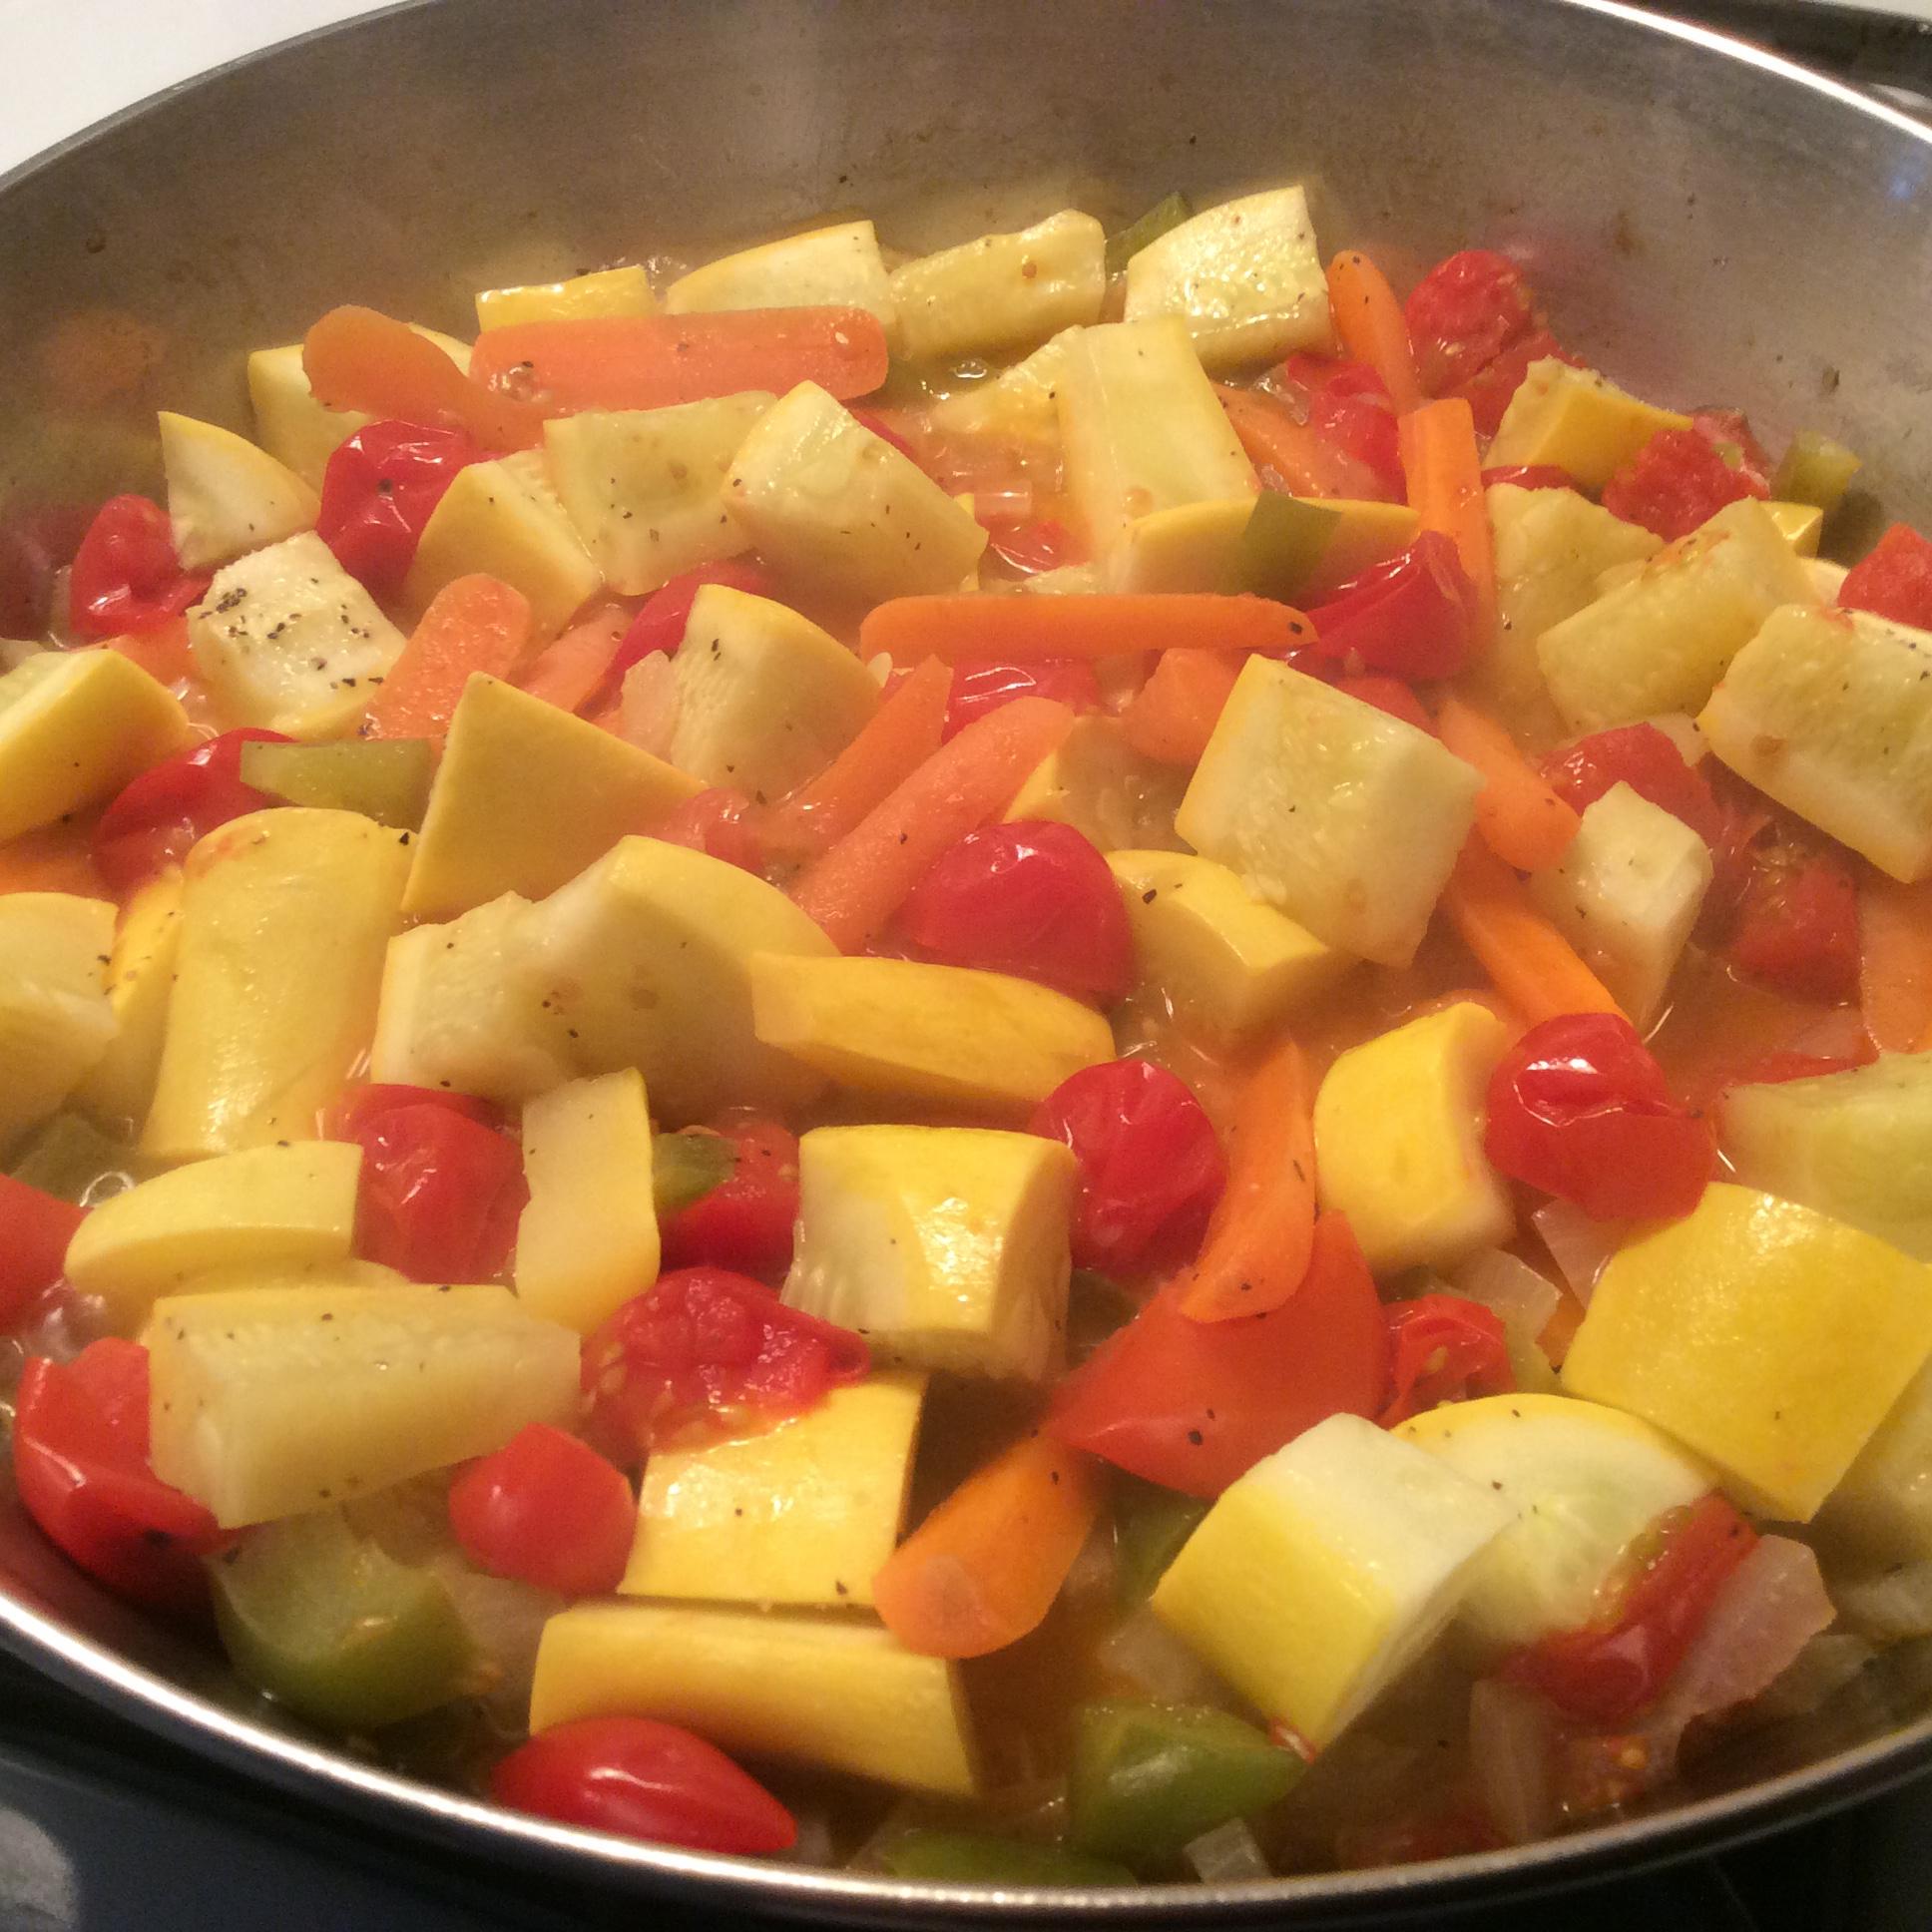 Tomato Squash Dish